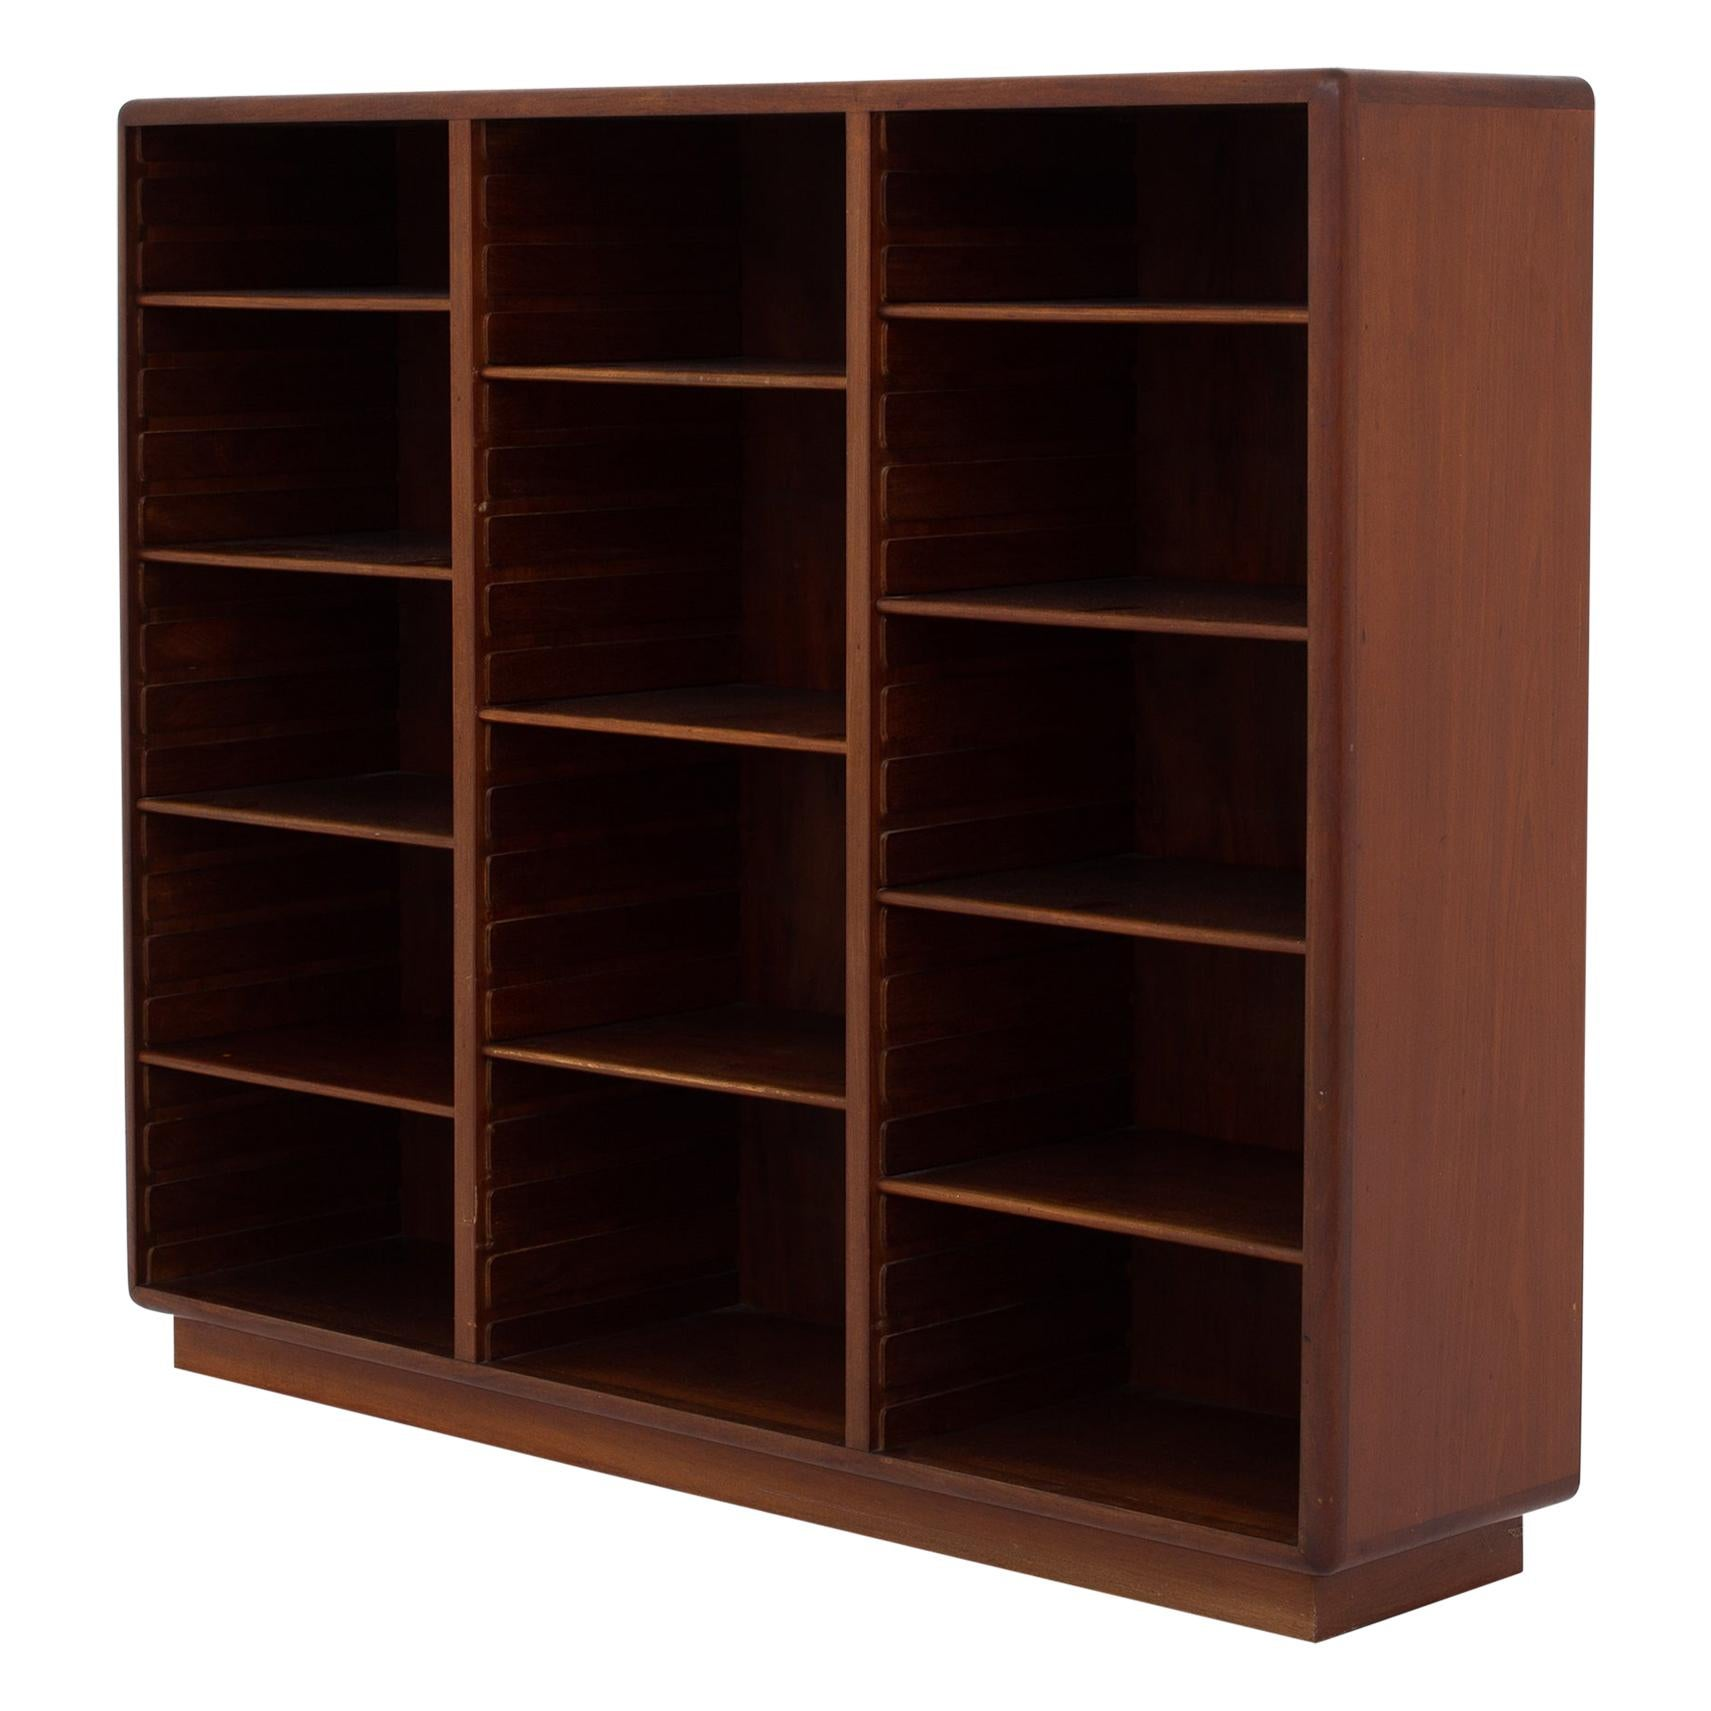 Book Shelf by Tove & Edvard Kindt Larsen